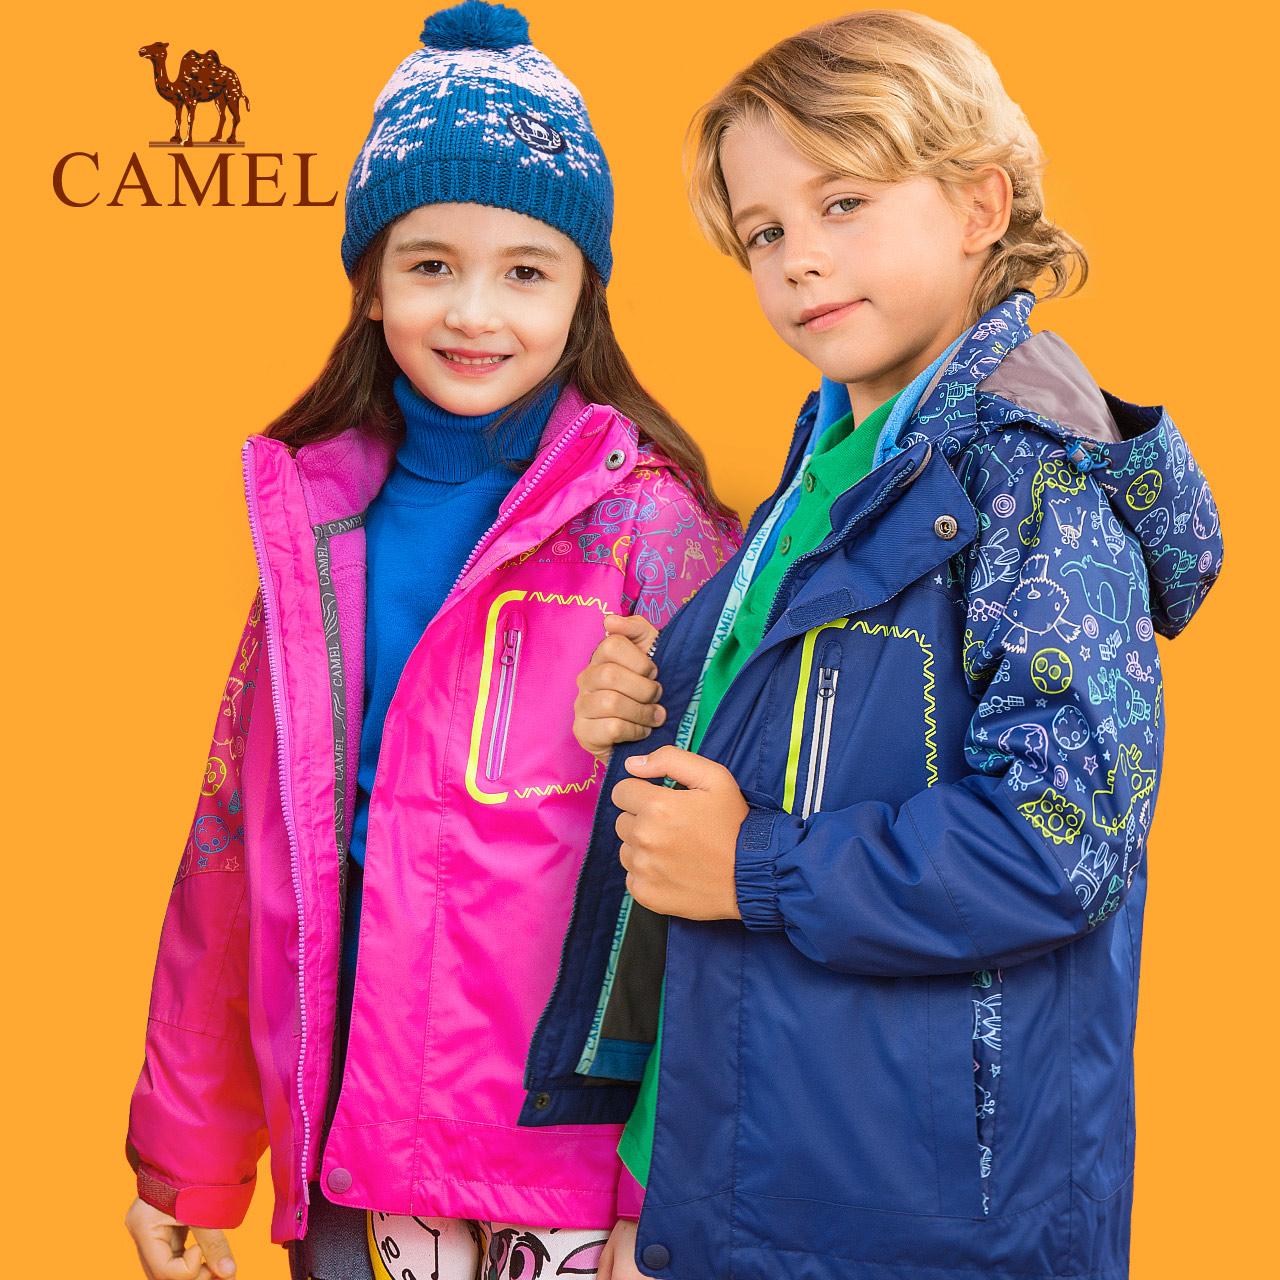 小骆驼儿童户外冲锋衣男童女童印花秋季两件套三合一冲锋衣防风衣